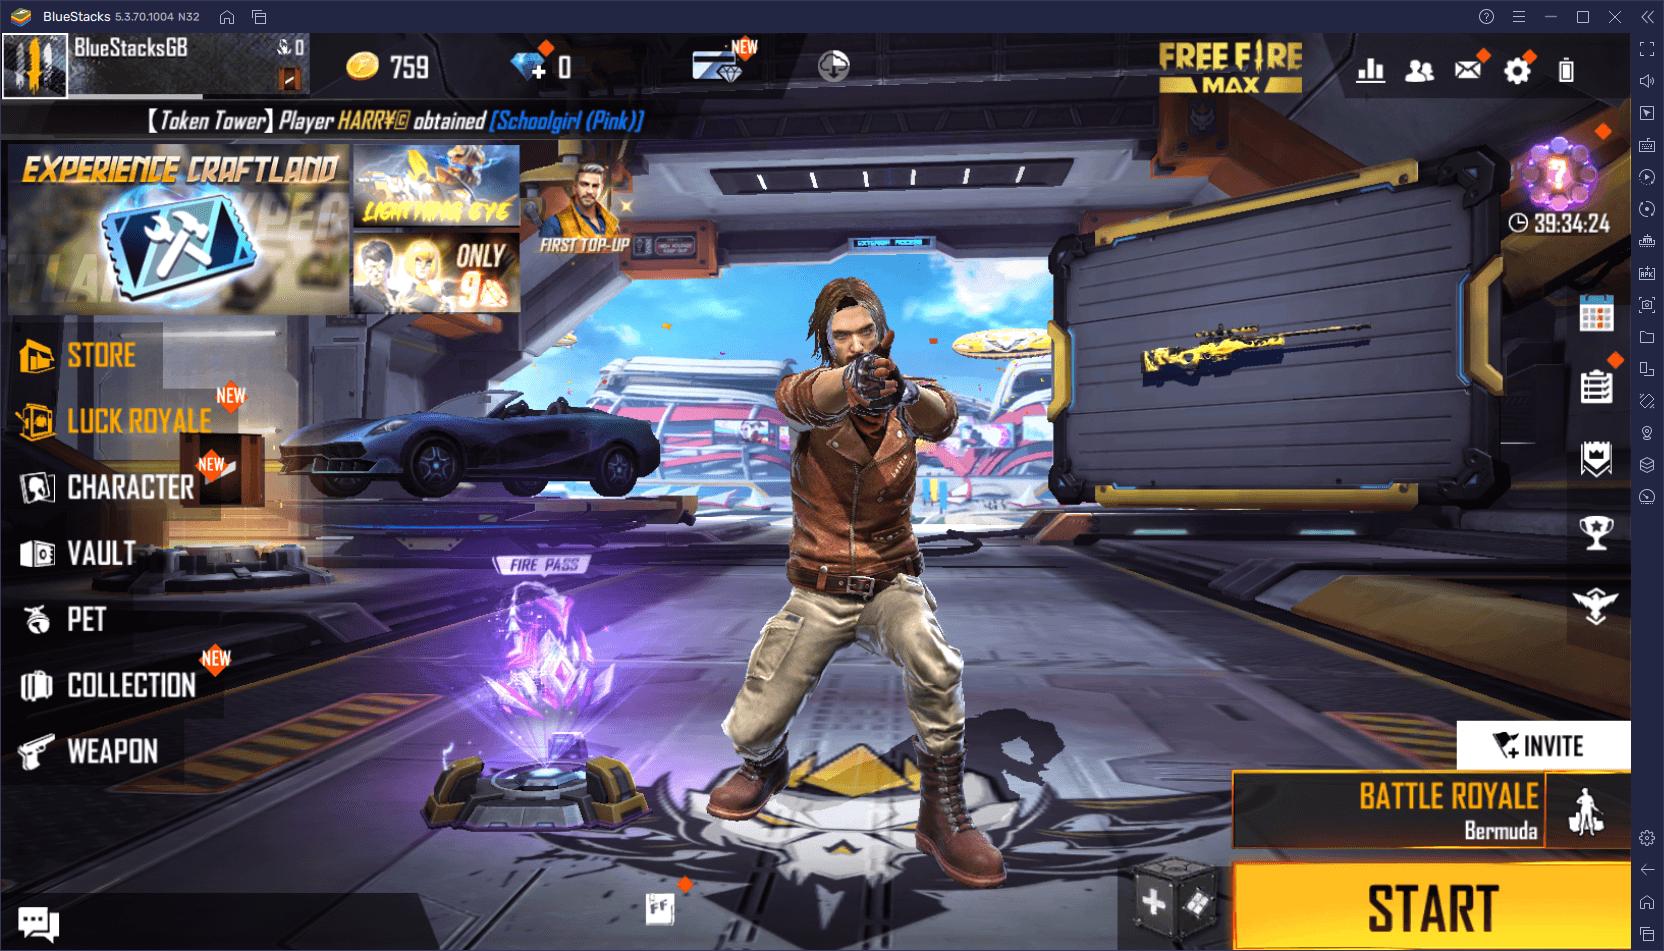 لعبة Free Fire MAX على جهاز الكمبيوتر – استخدم محاكي BlueStacks للحصول على إصابات في الرأس و الـ Booyahs